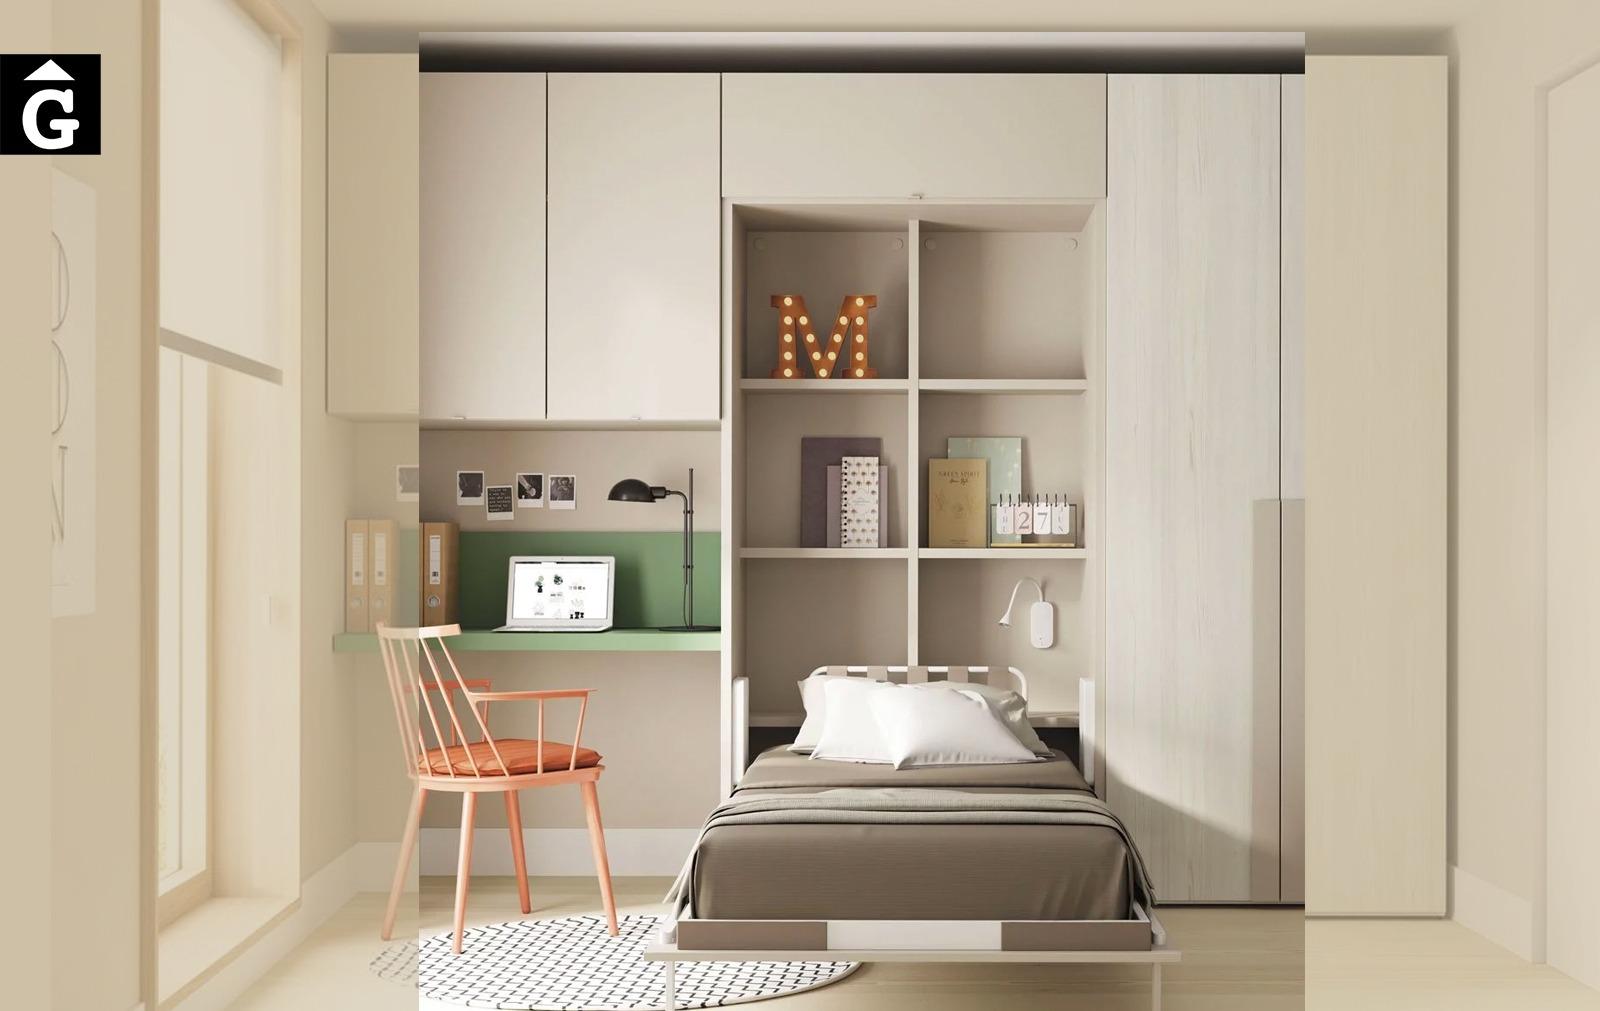 Habitació llit abatible amb escriptori i armari | llit obert | Up & Down | llits abatibles | Pràctics, saludables i segurs | Jotajotape | mobles Gifreu